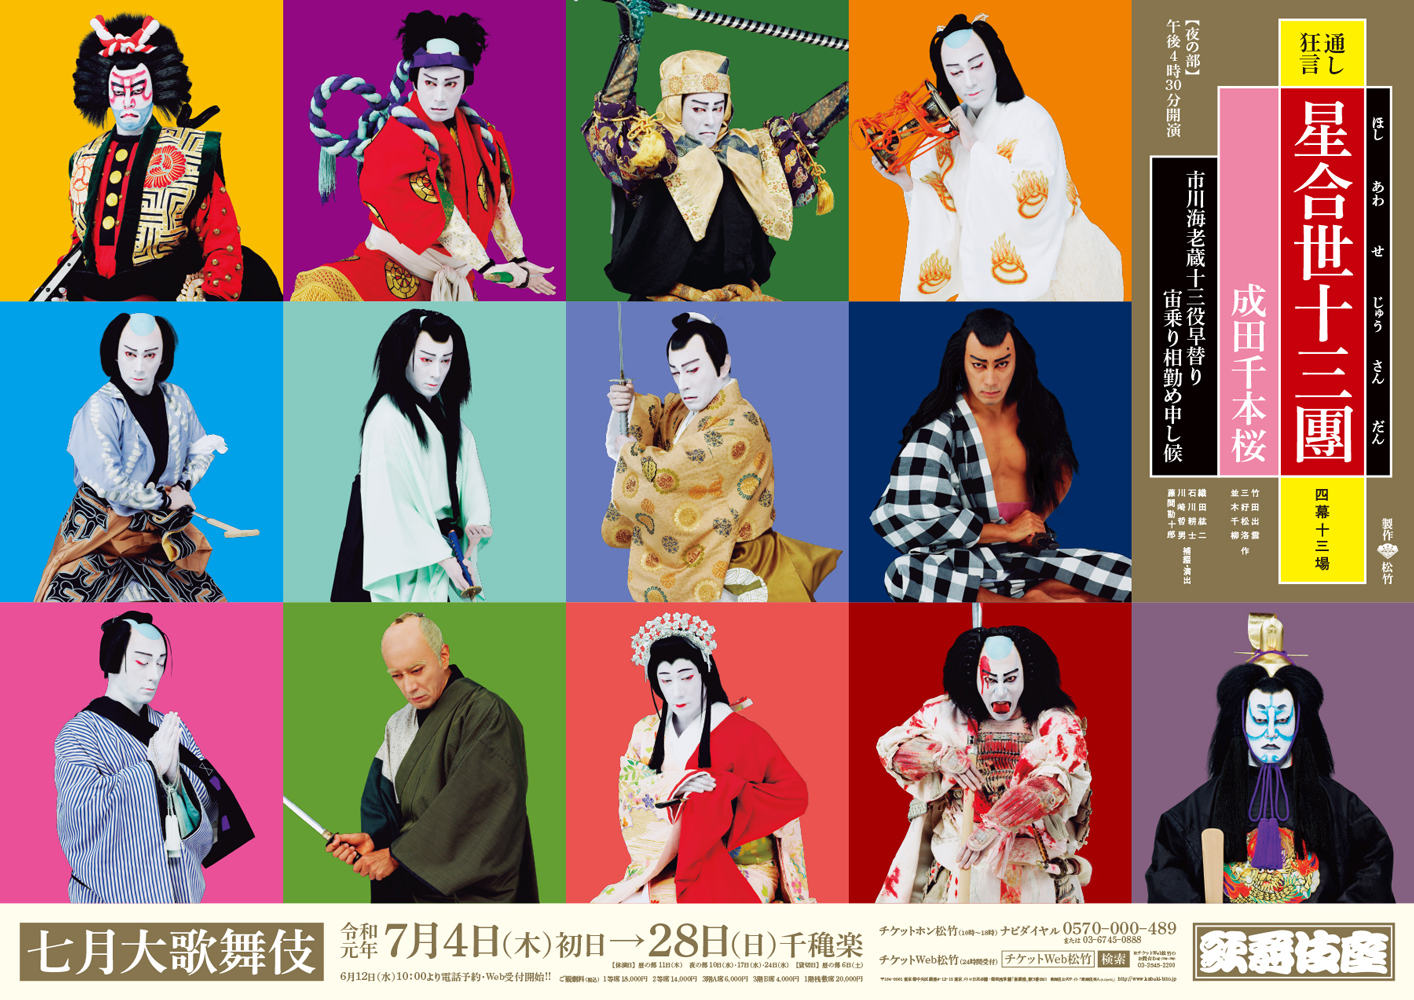 歌舞伎座『星合世十三團』特別ポスター公開